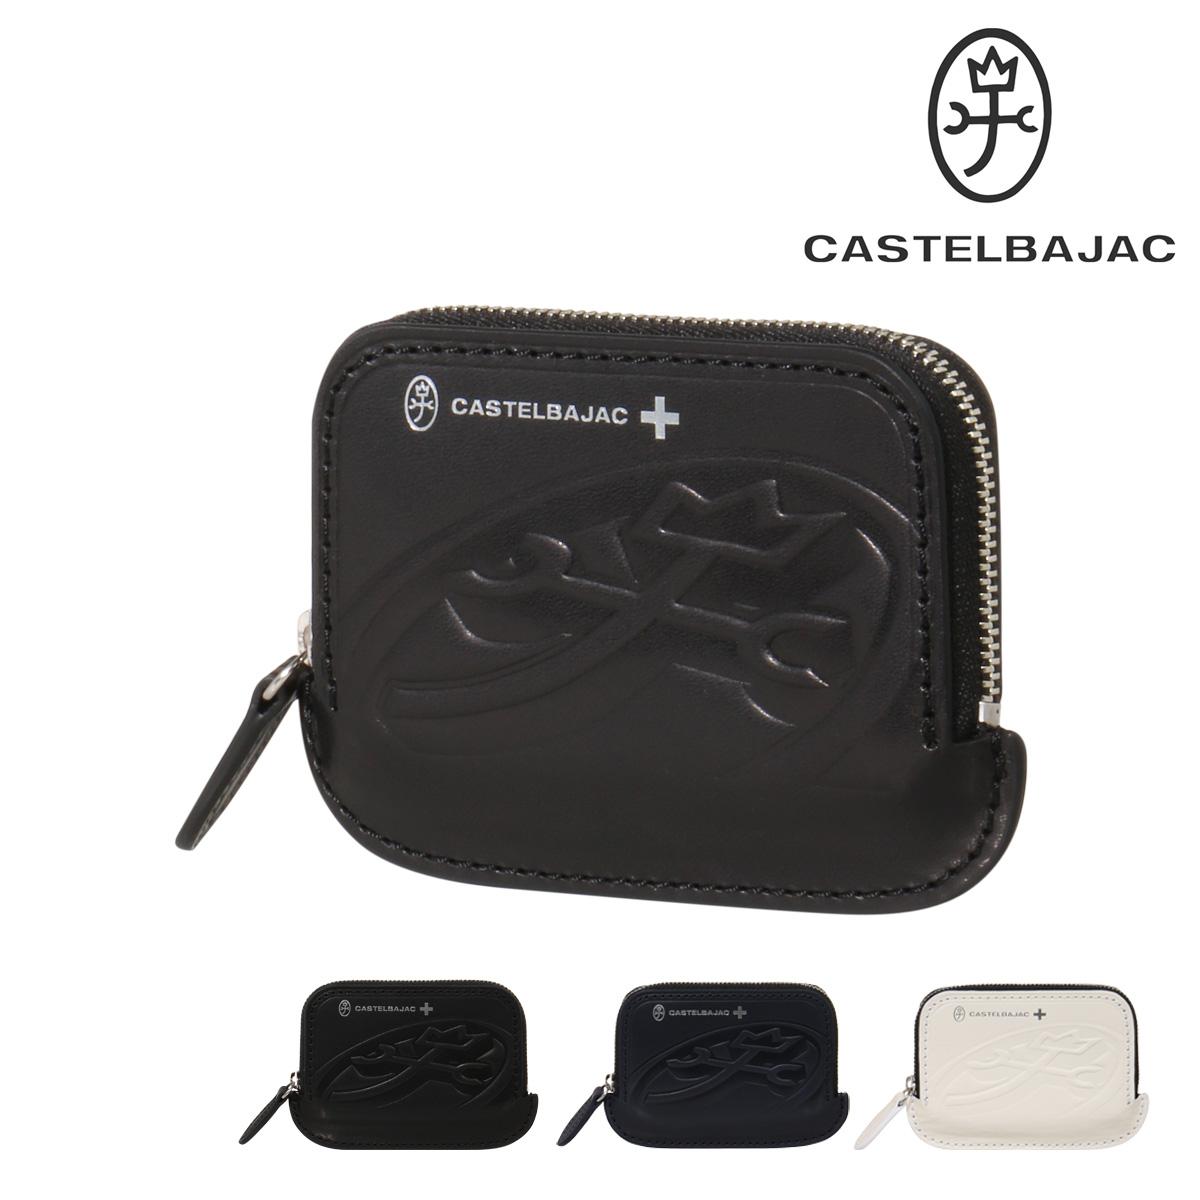 カステルバジャック カードケース ブレス メンズ 32601 CASTELBAJAC | ラウンドファスナー 牛革 本革 レザー ブランド専用BOX付き[PO10][bef]